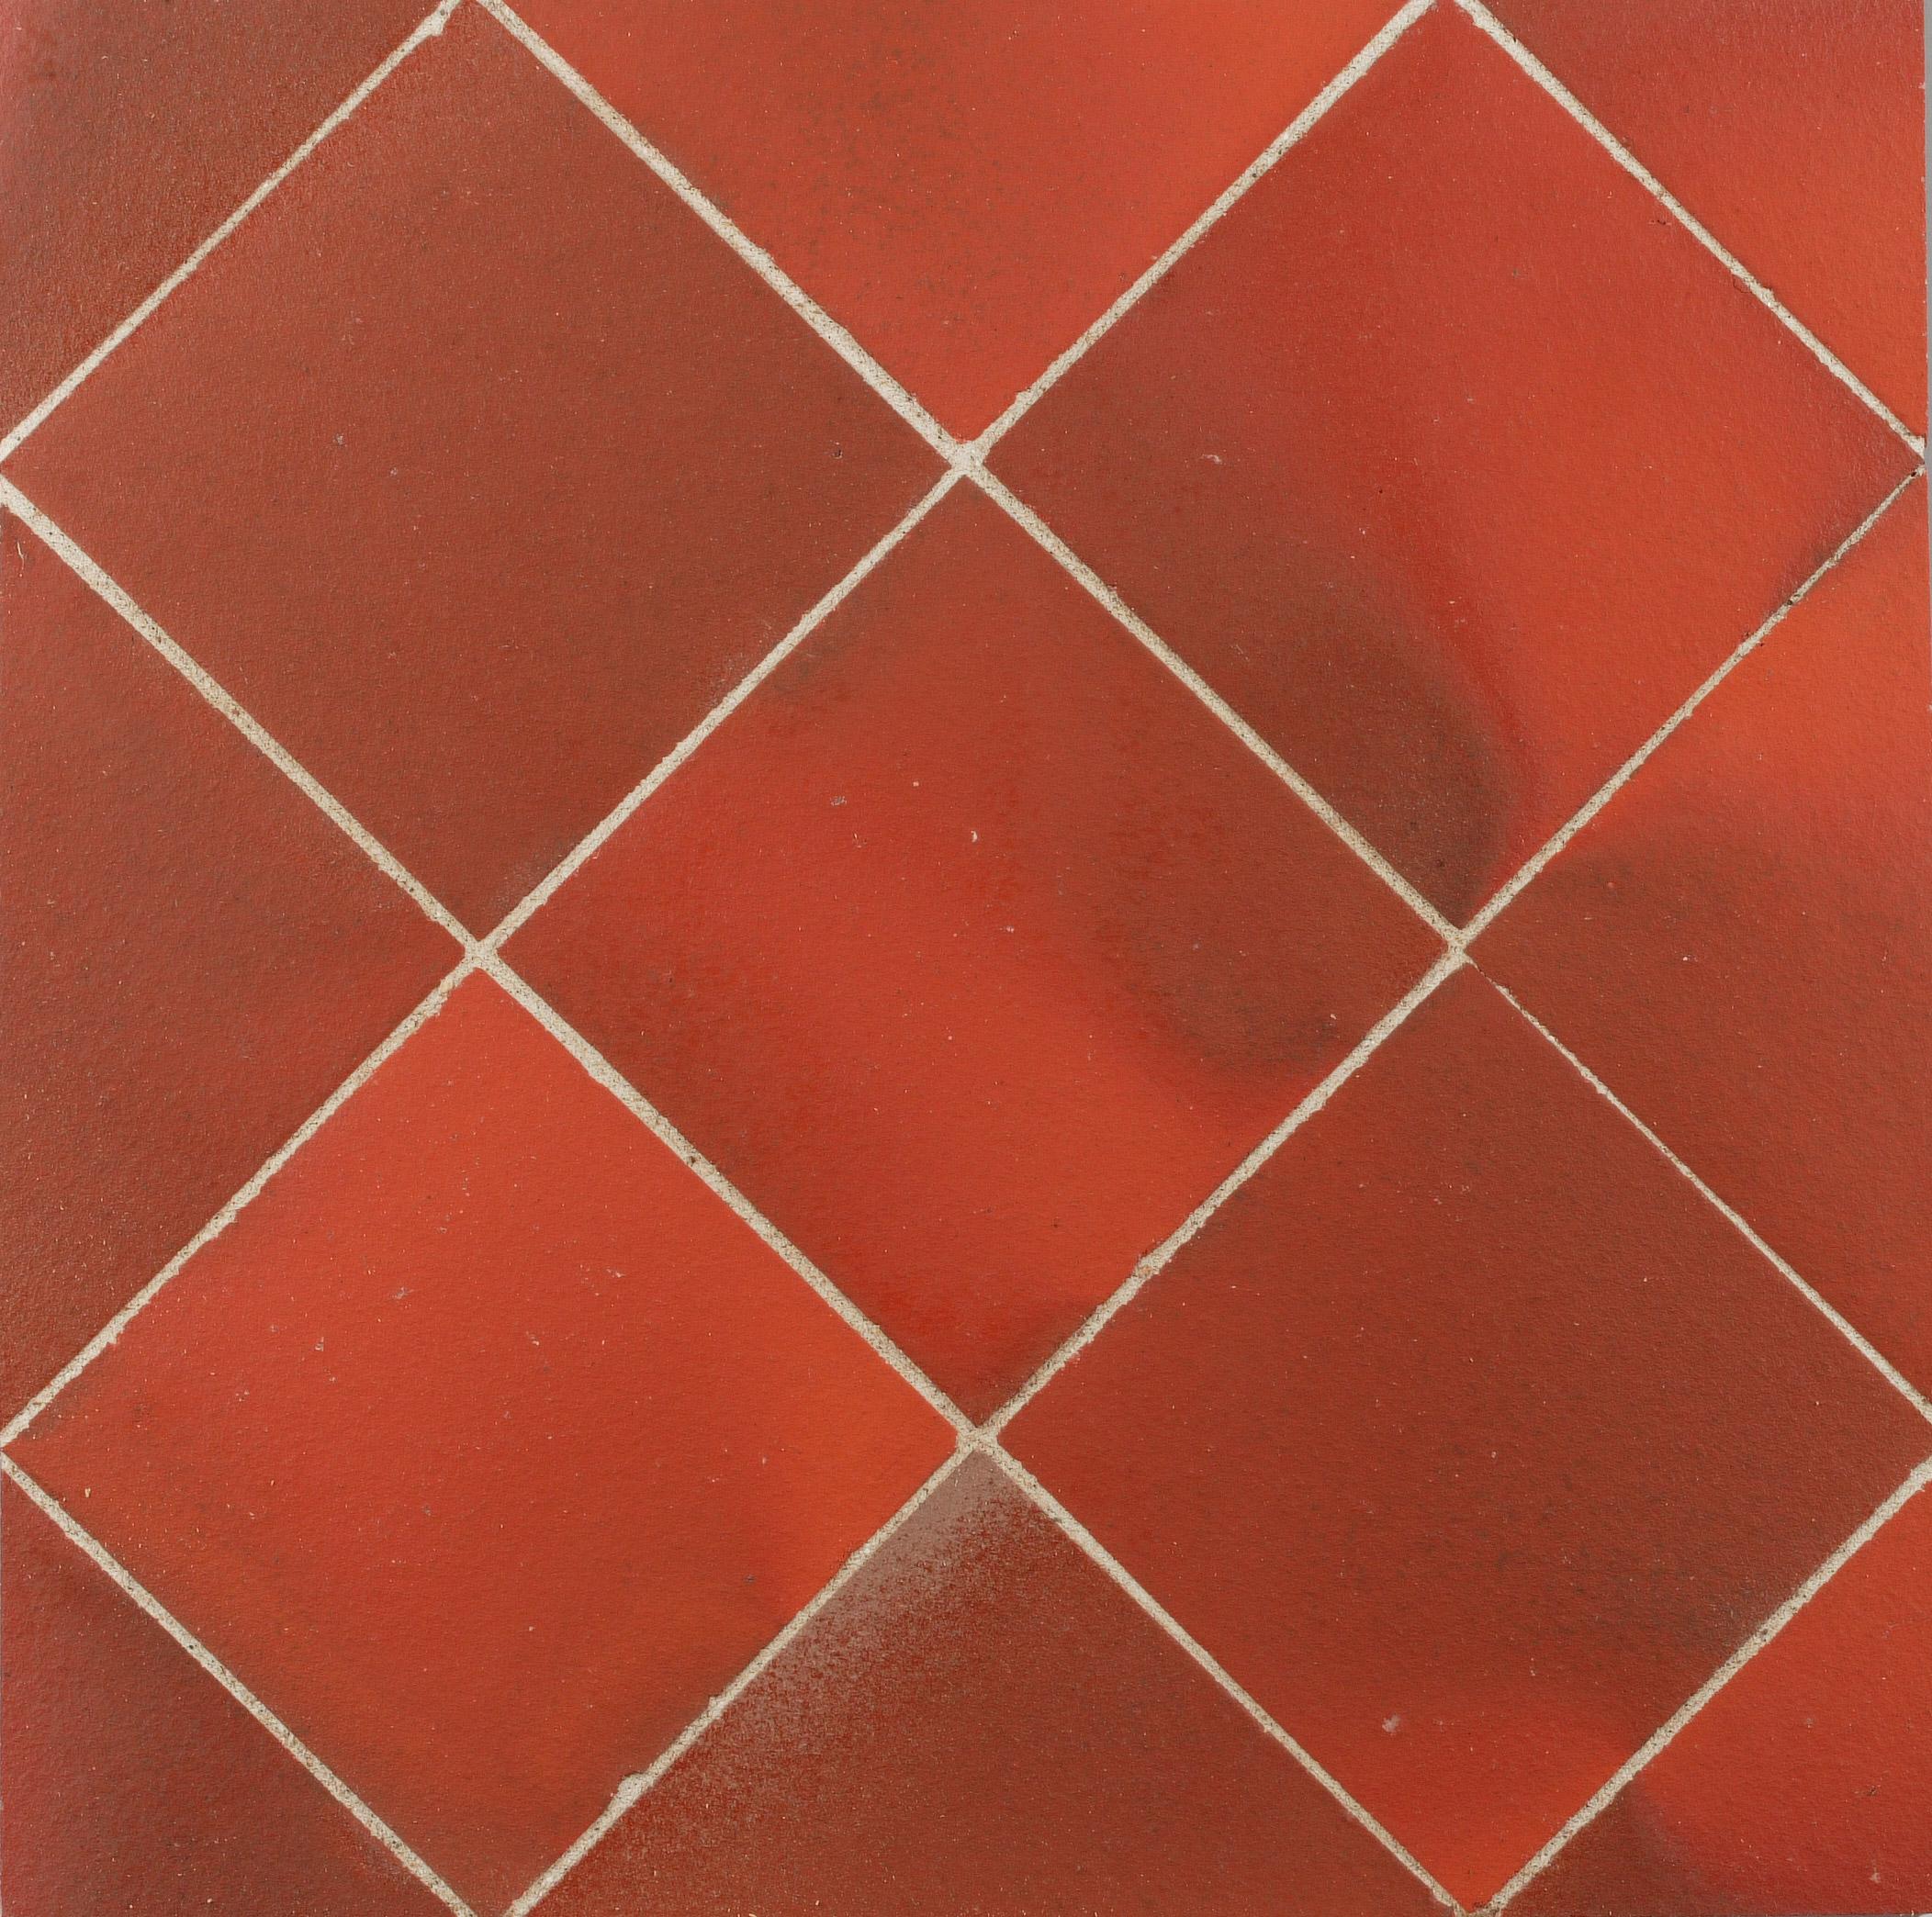 carrelage exterieur brique rouge livraison. Black Bedroom Furniture Sets. Home Design Ideas